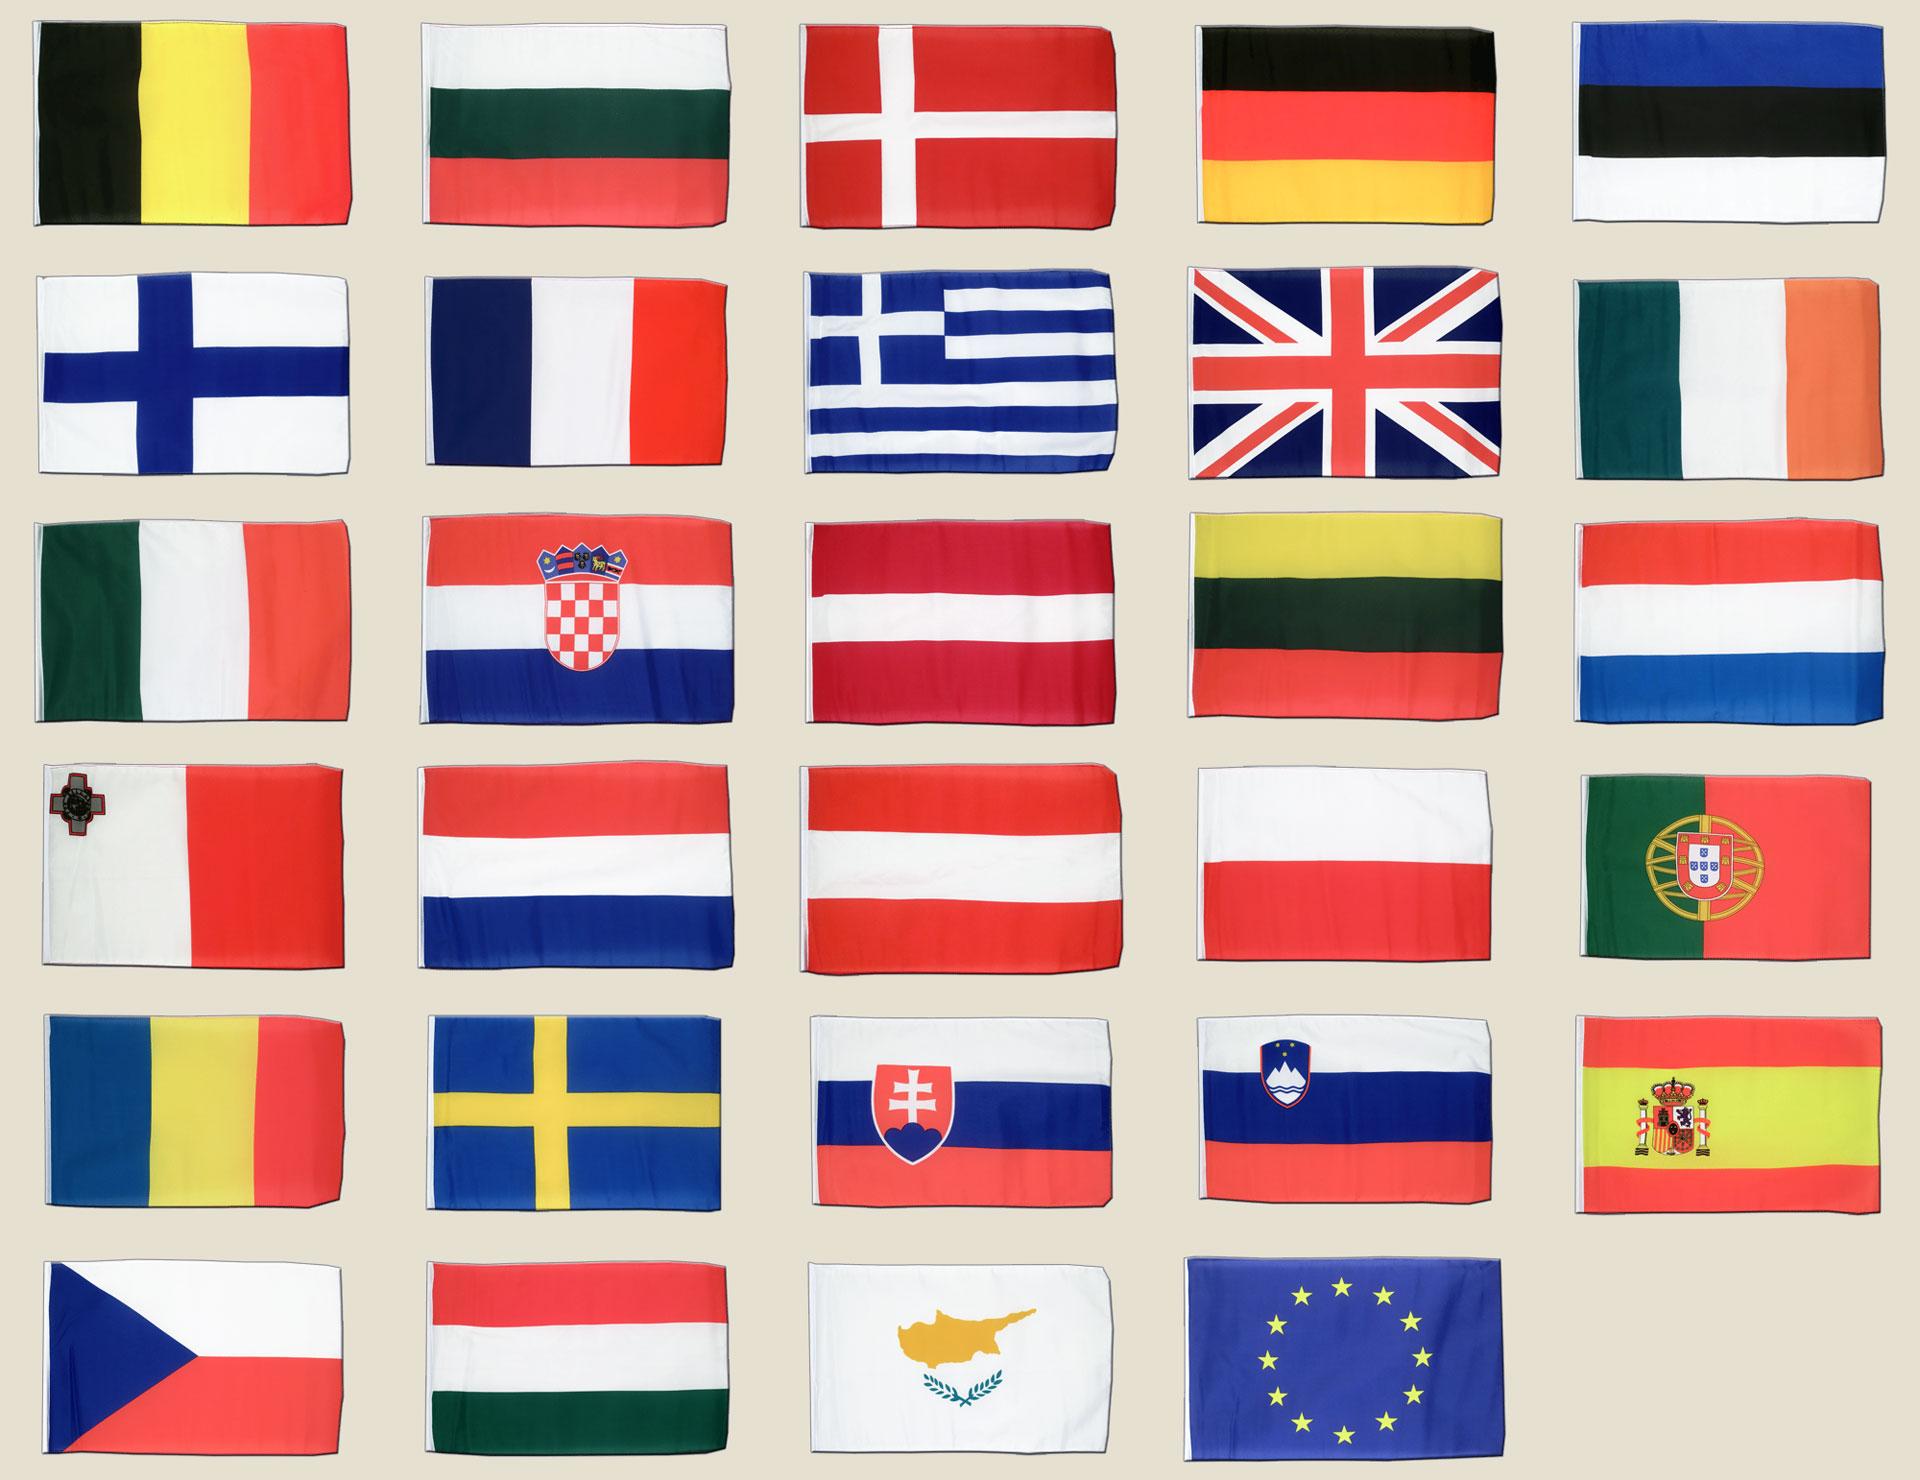 флаги всех европейских государств в картинках себя, старайся